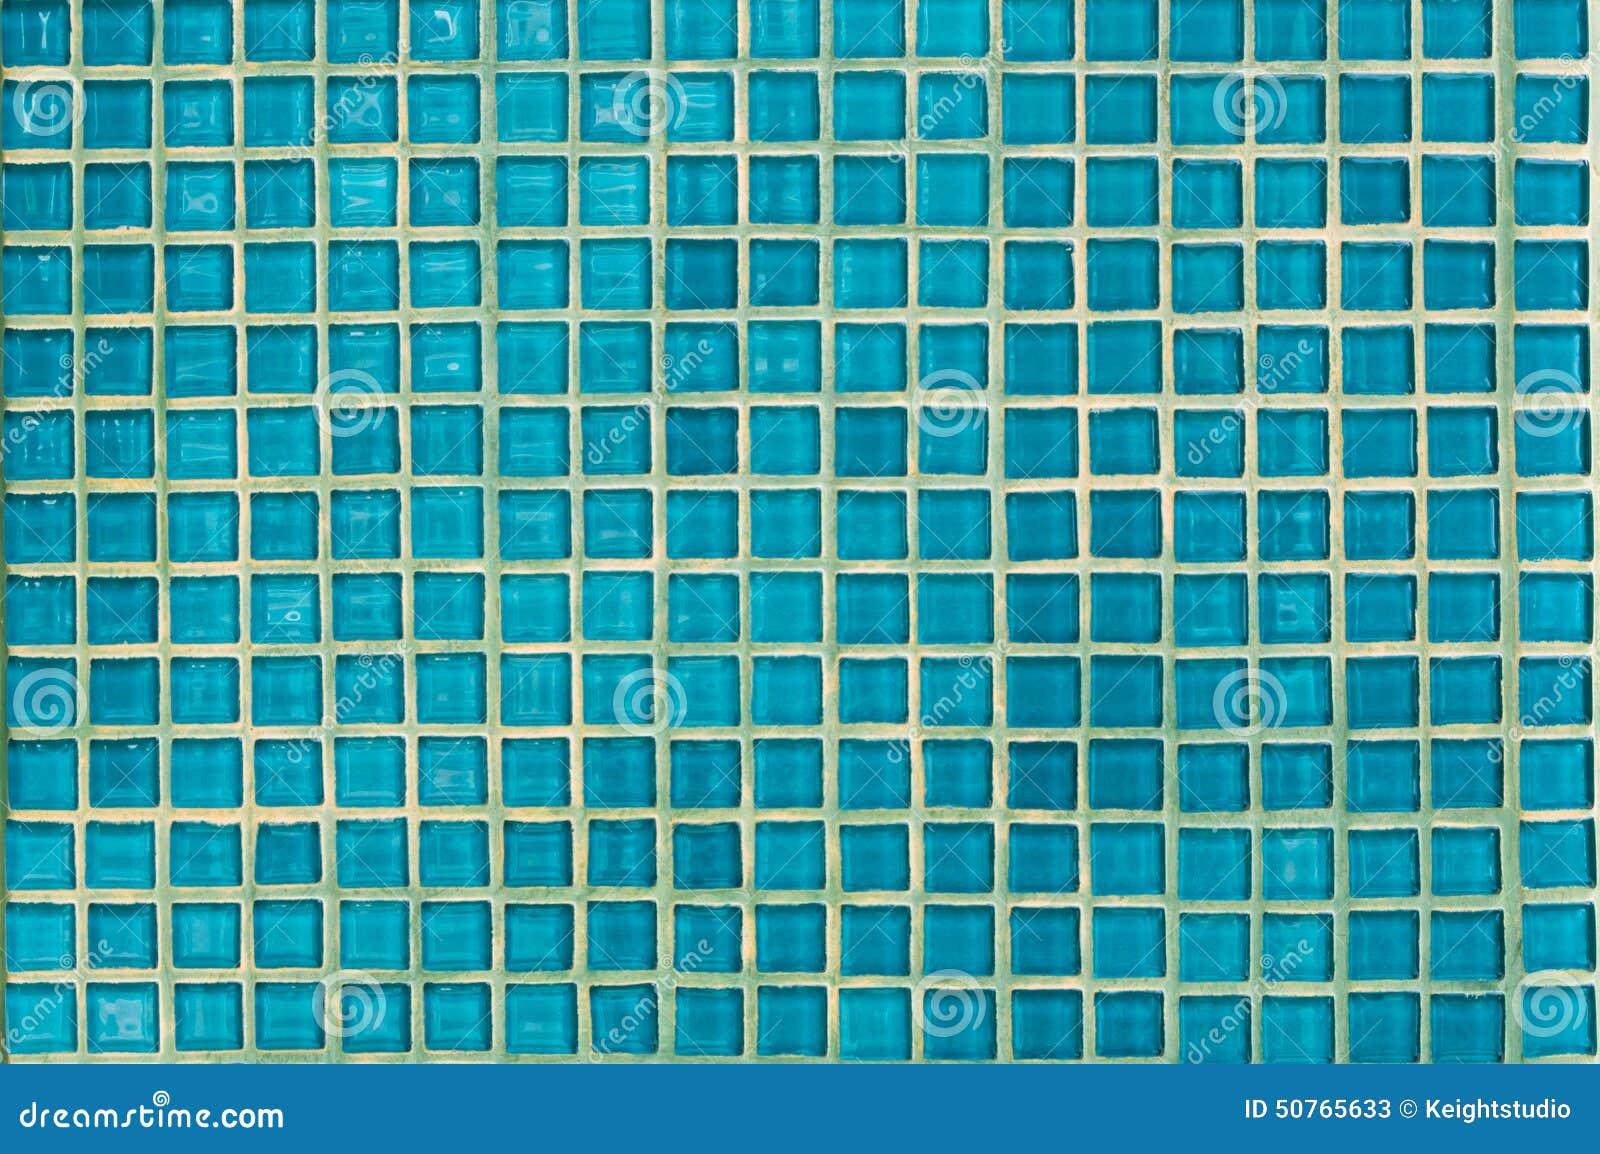 Bunte Fliesen Mosaik Hintergrund Stockbild Bild Von Checkered